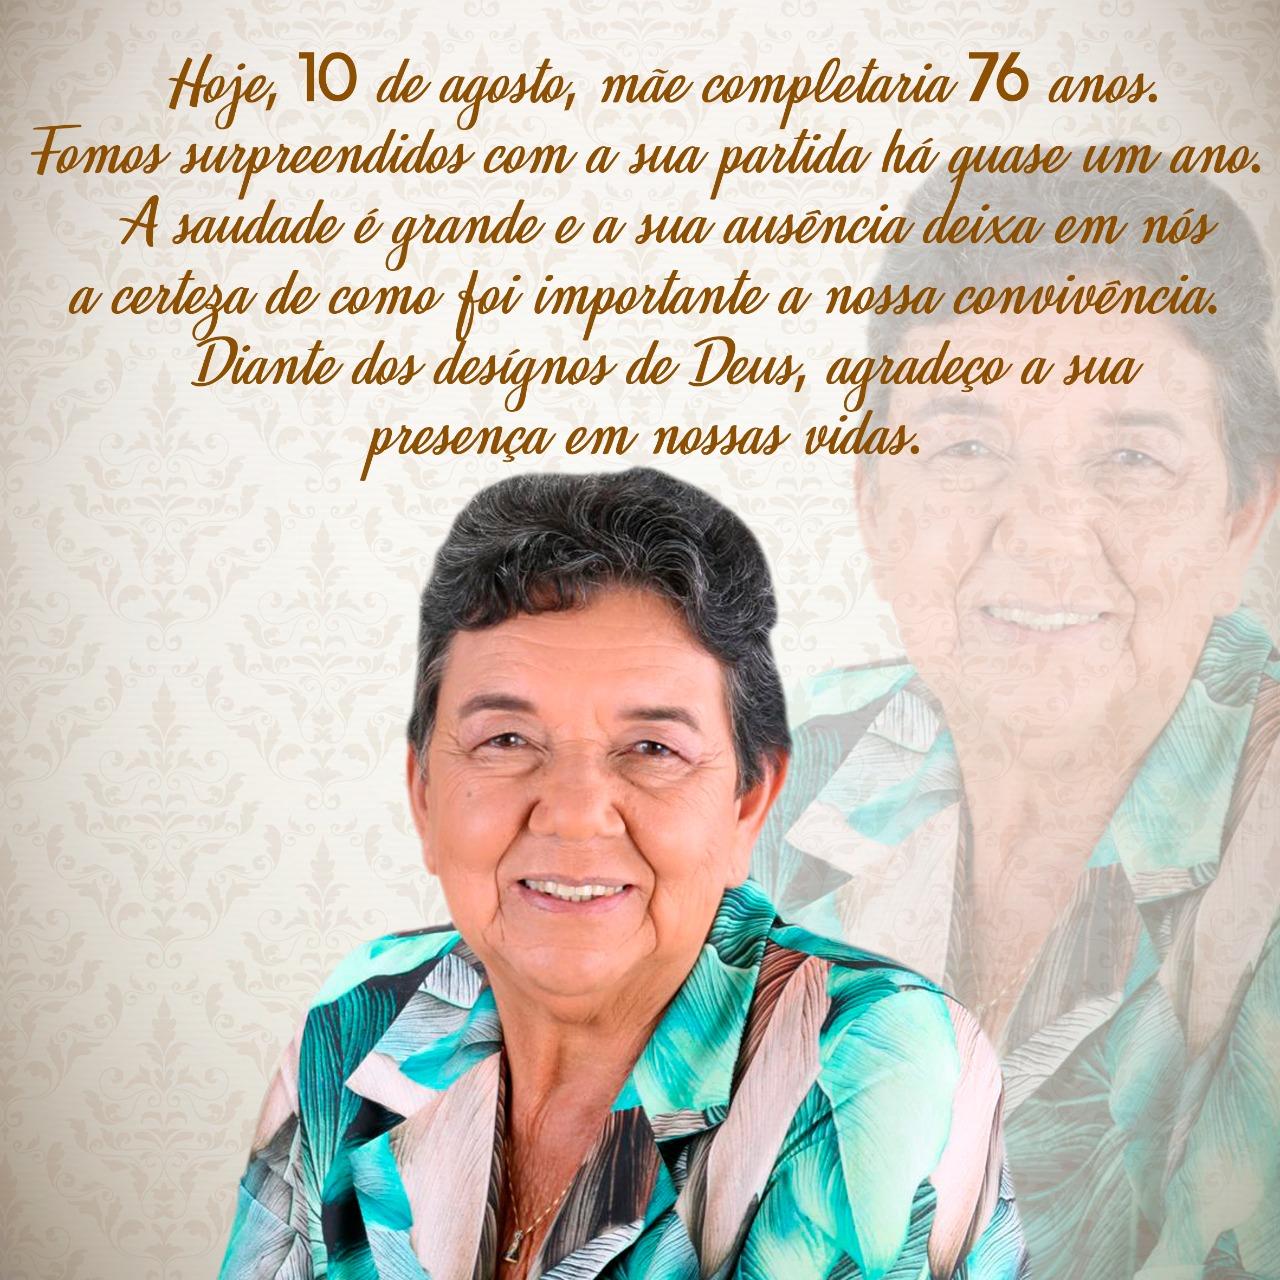 Deputado Marquinho Viana lembra os 76 anos de idade que a ex-prefeita Ana Lucia completaria hoje